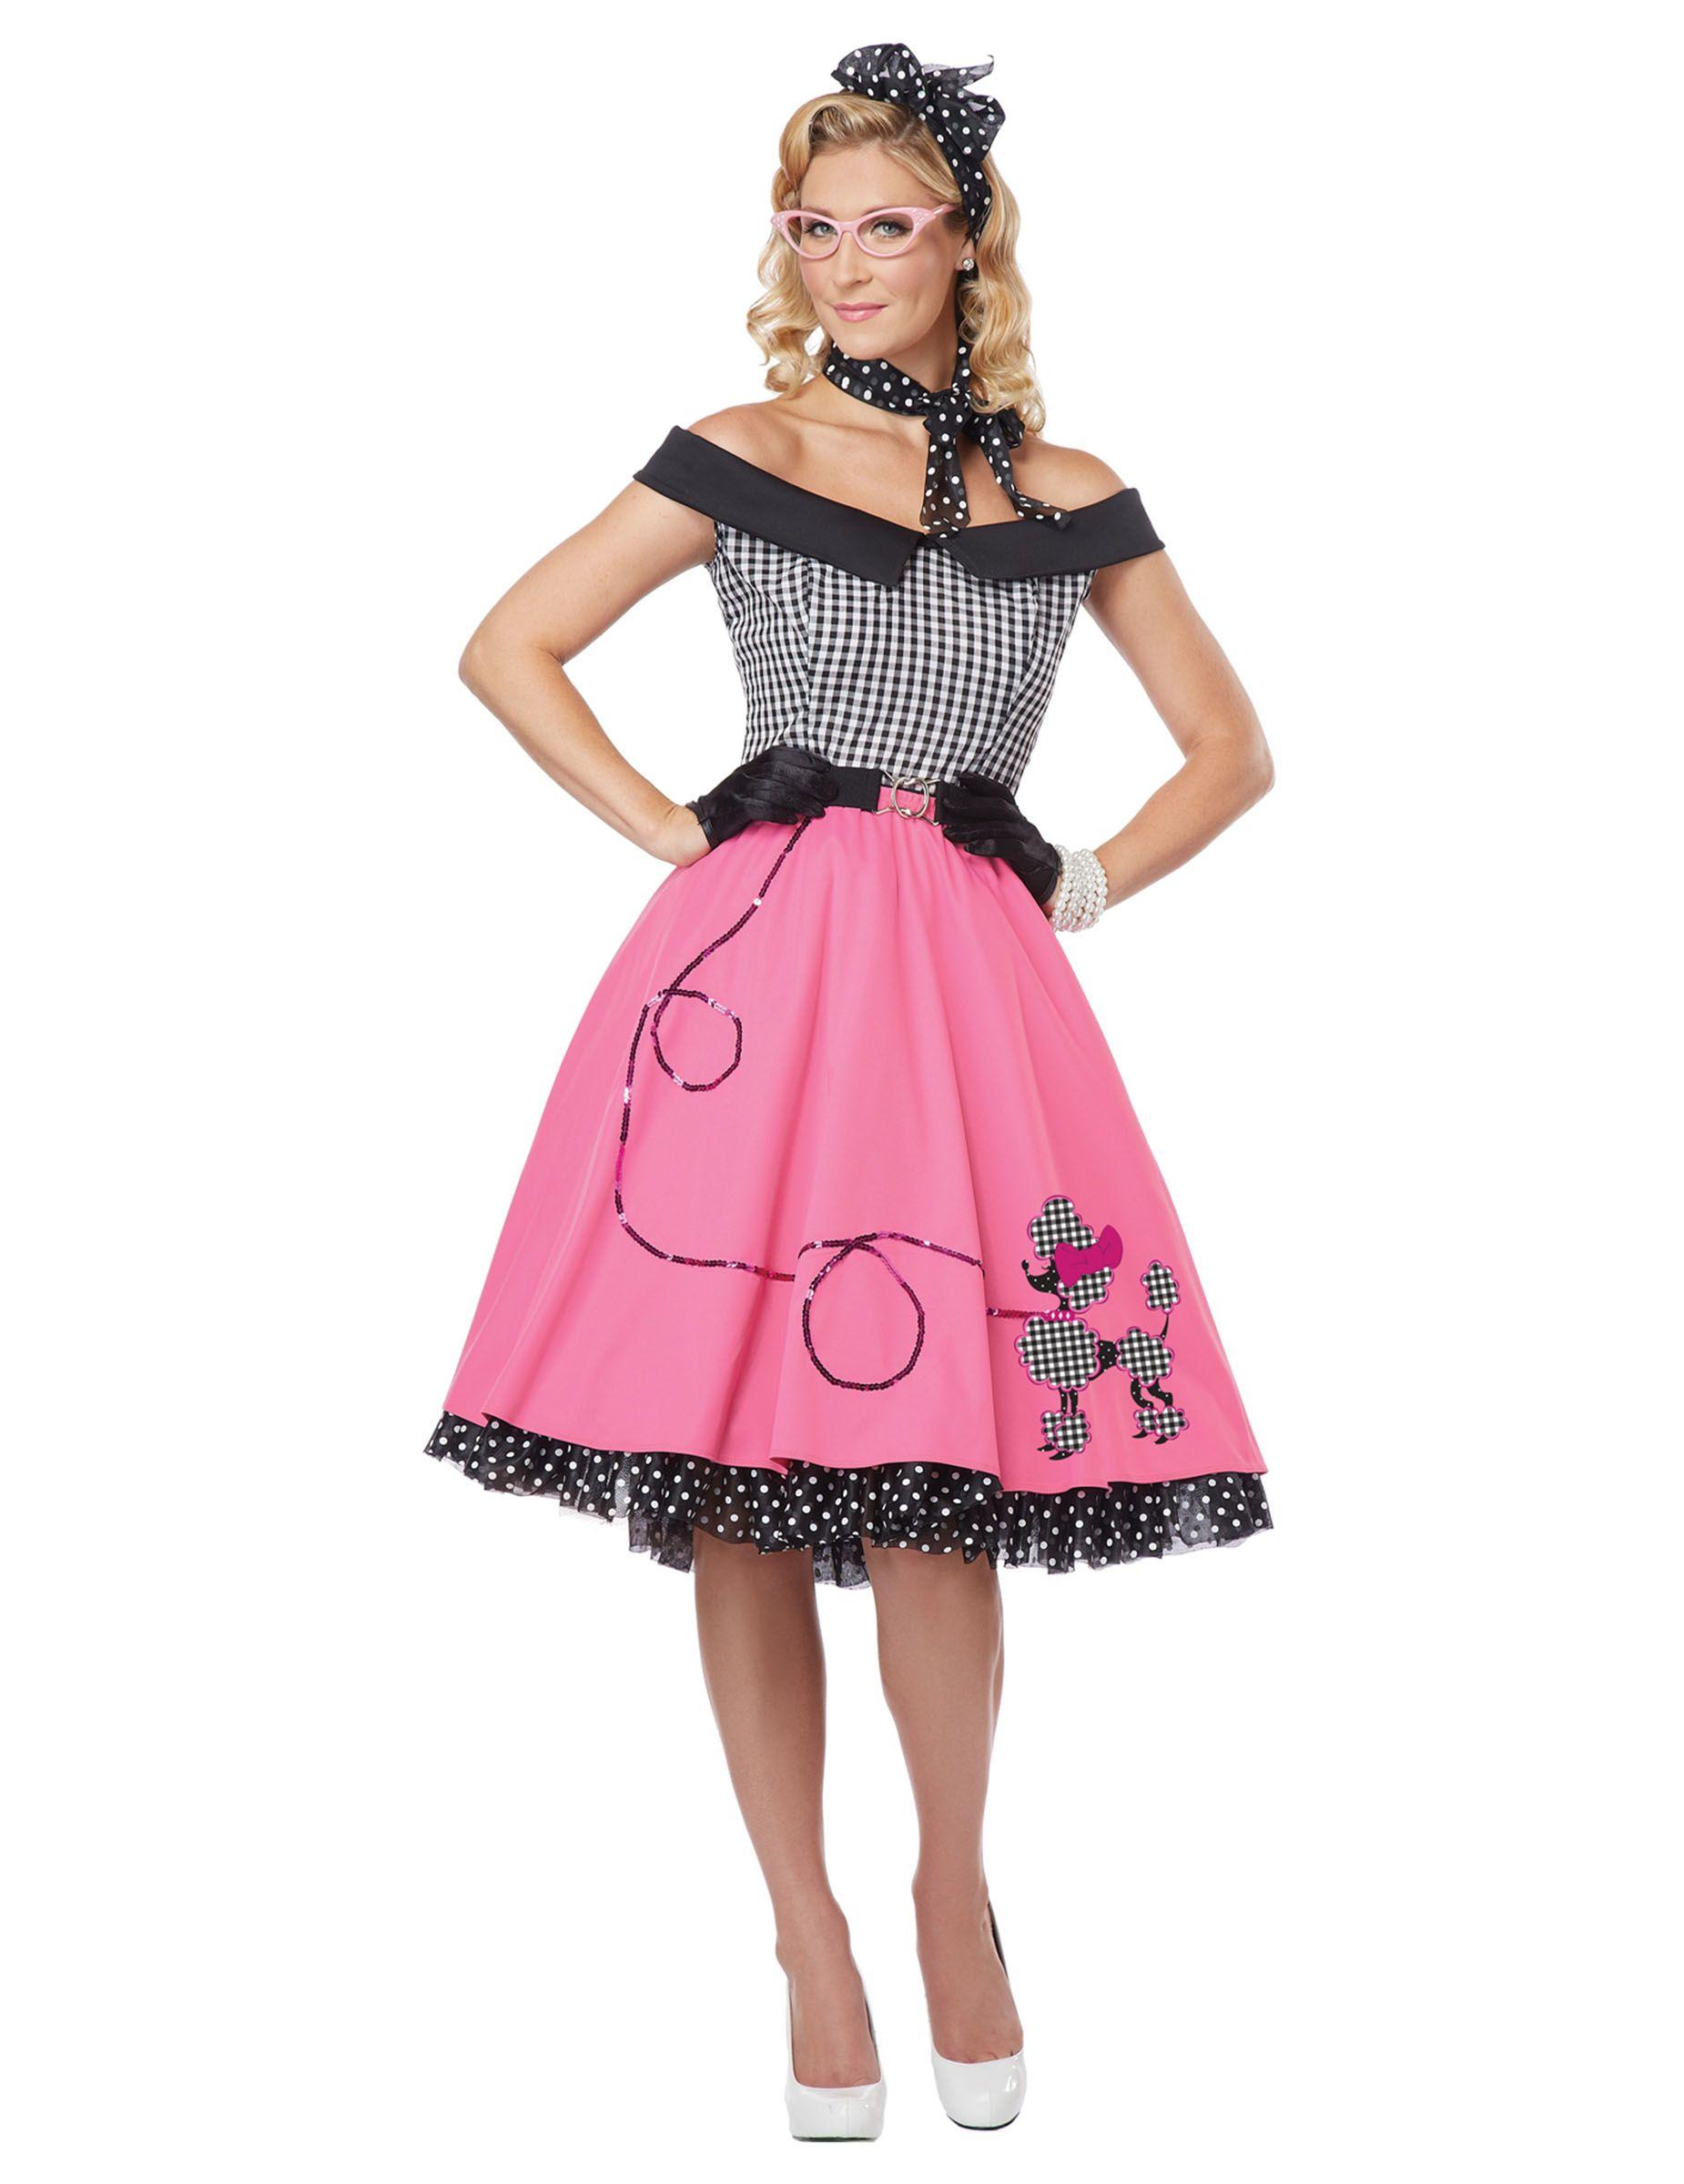 Disfraz años 50 negro y rosa perro para mujer | Años 50 - Grease ...